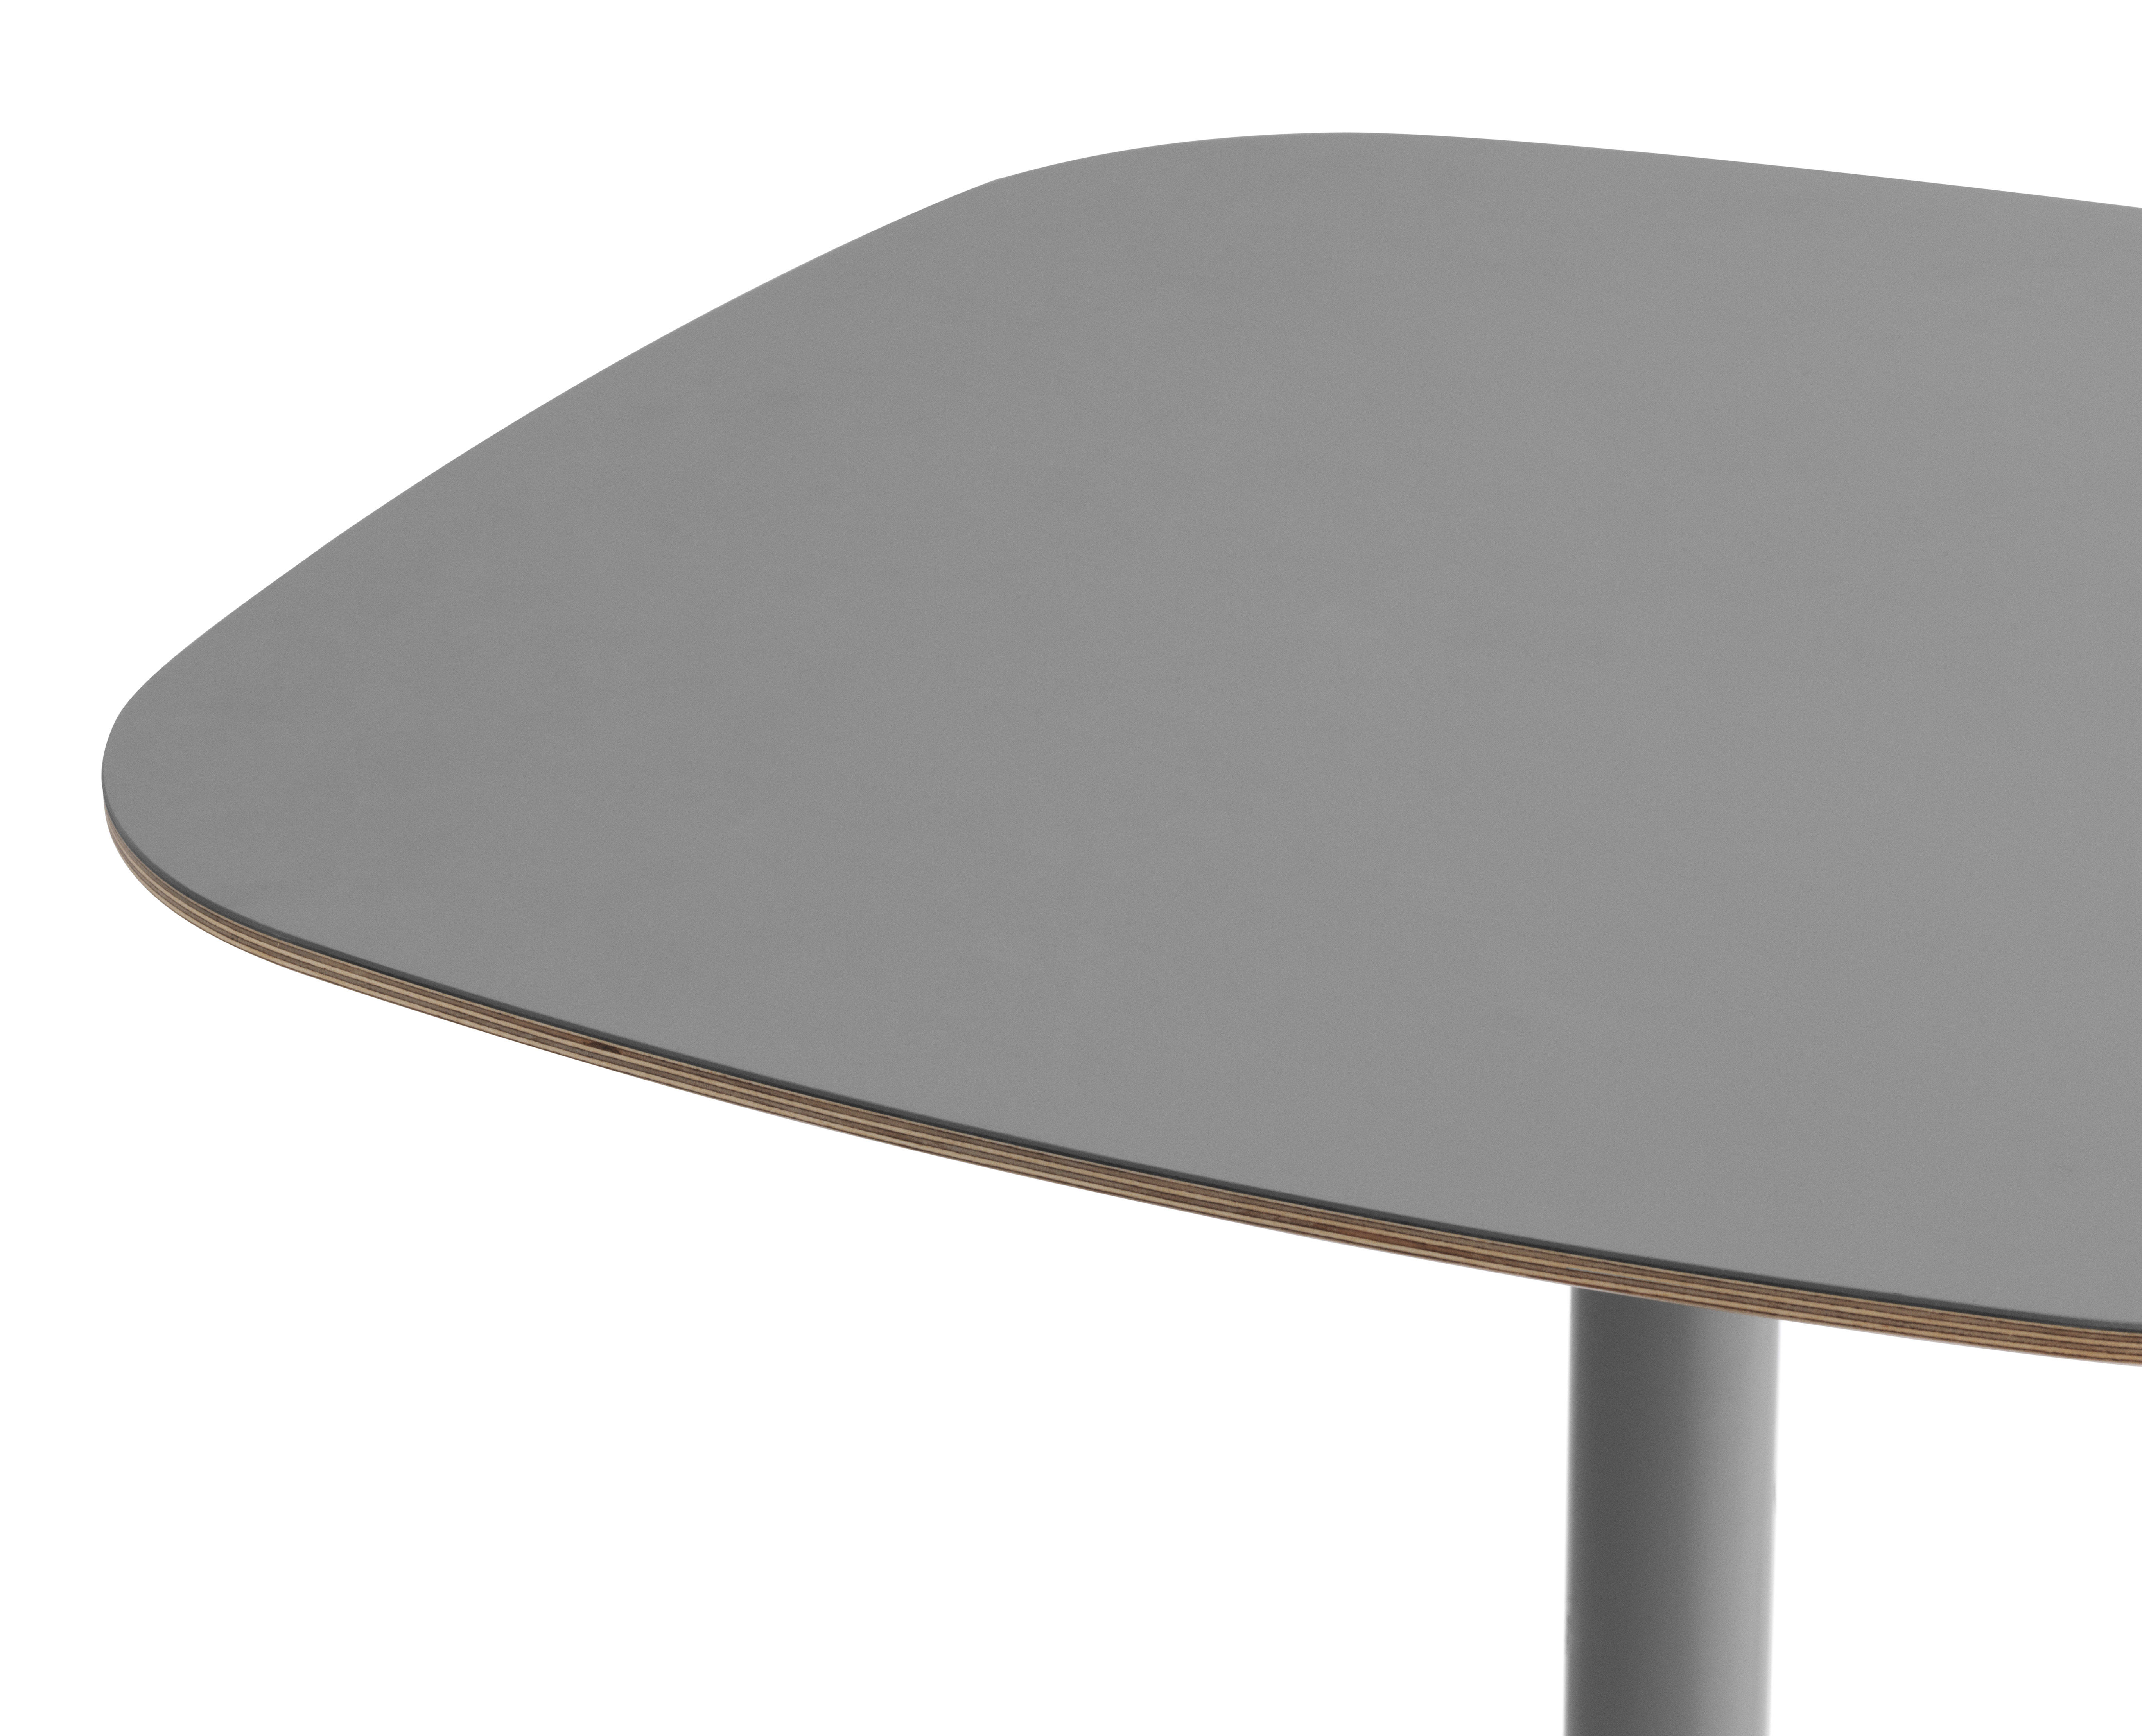 Tisch form von normann copenhagen grau eiche h 74 5 for Tisch design eiche